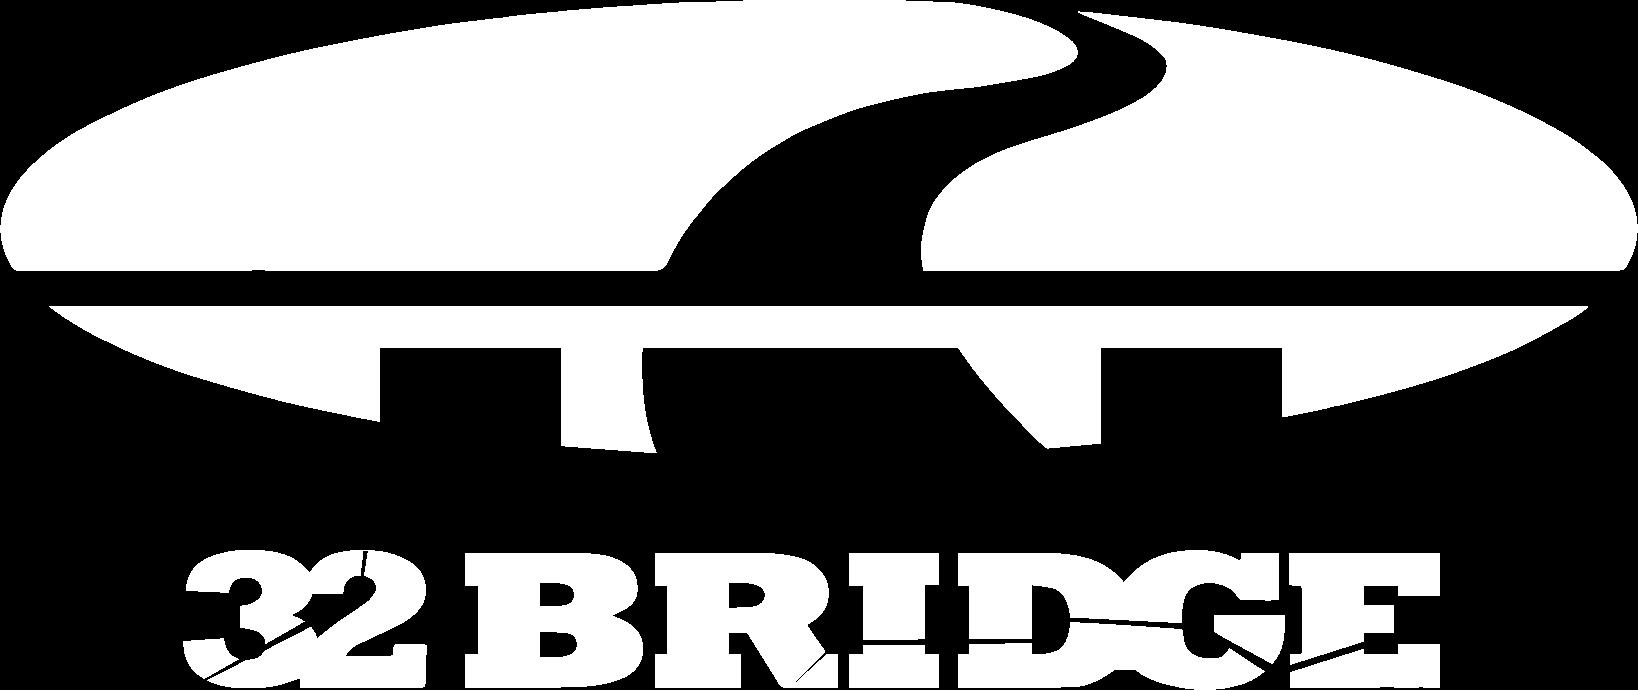 32-Bridge-Symbol-